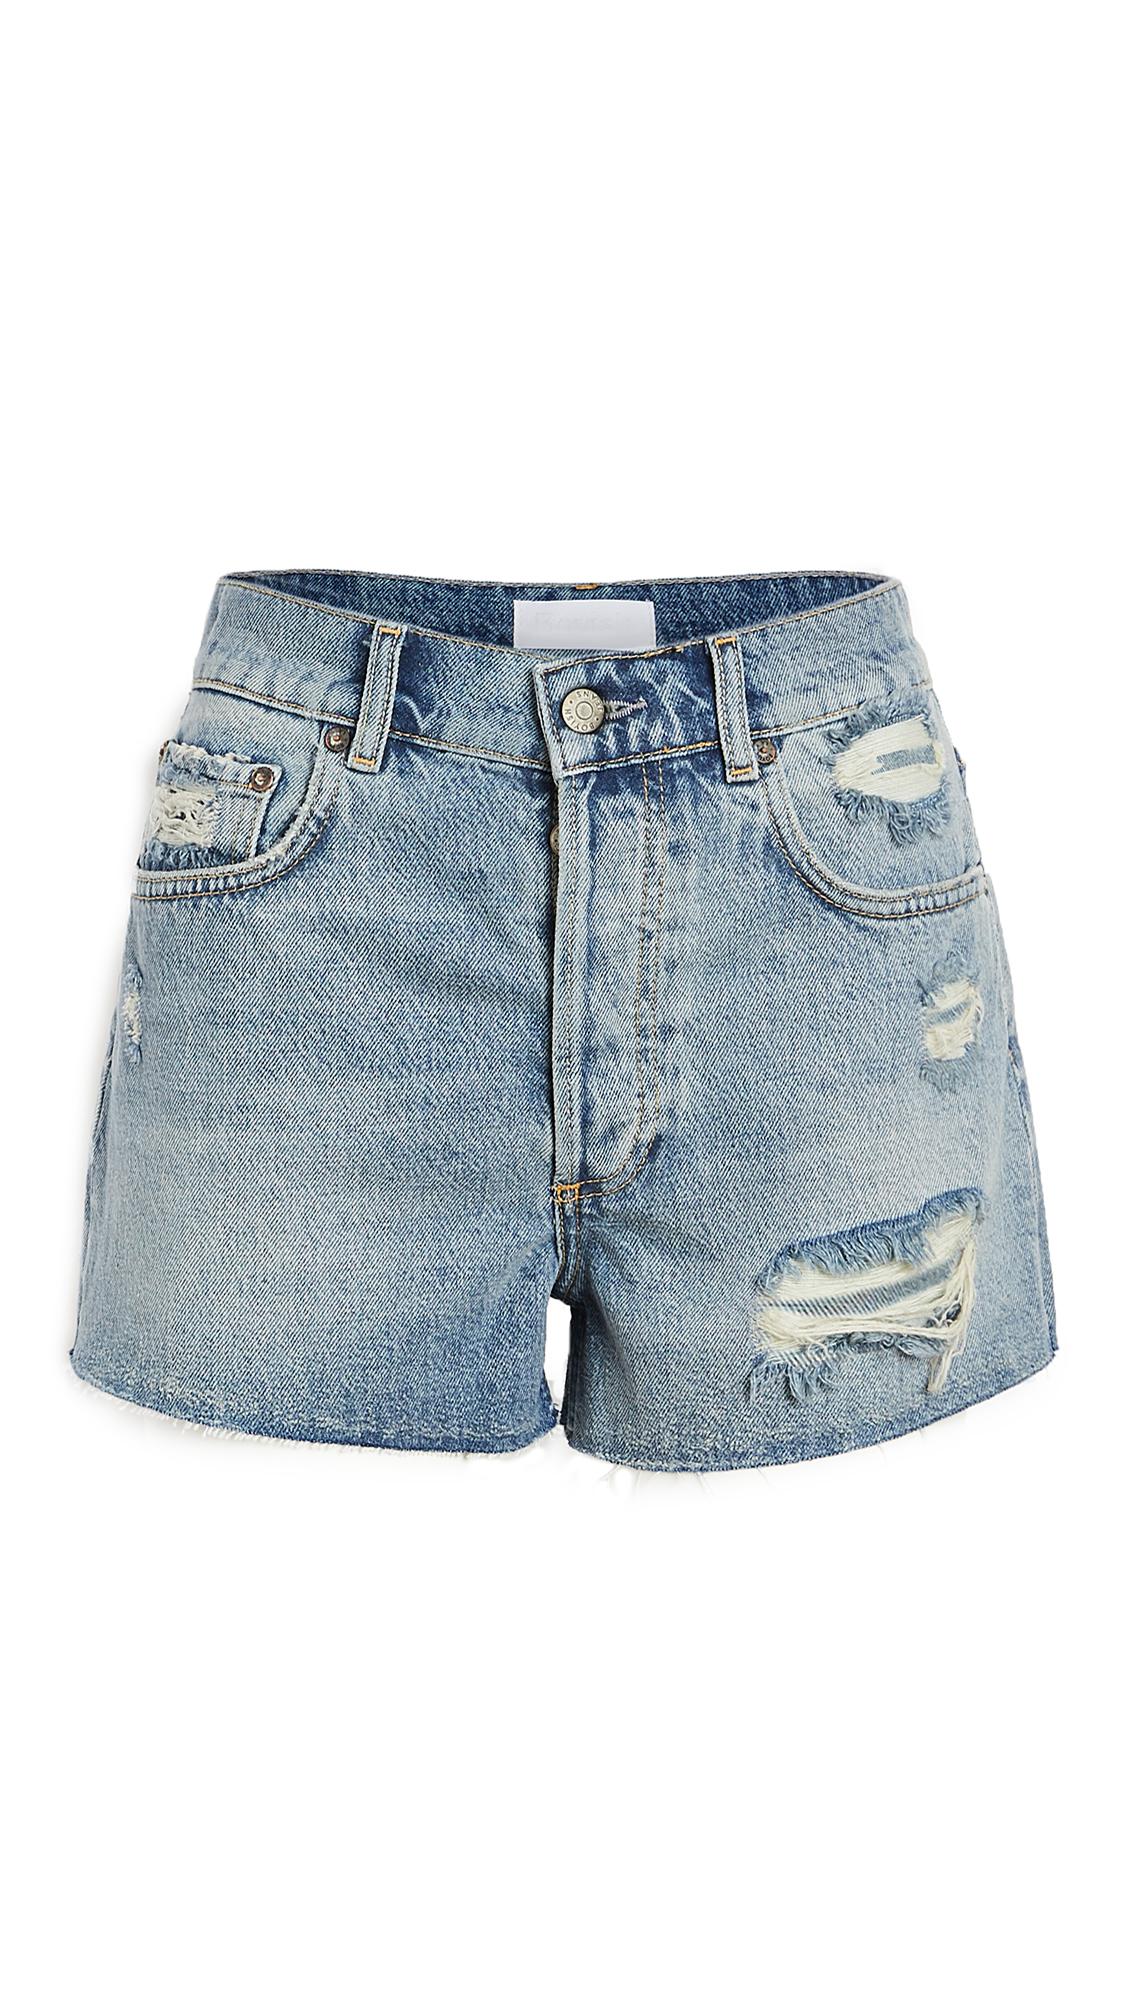 Boyish The Cody High Rise Rigid Cut Off Shorts